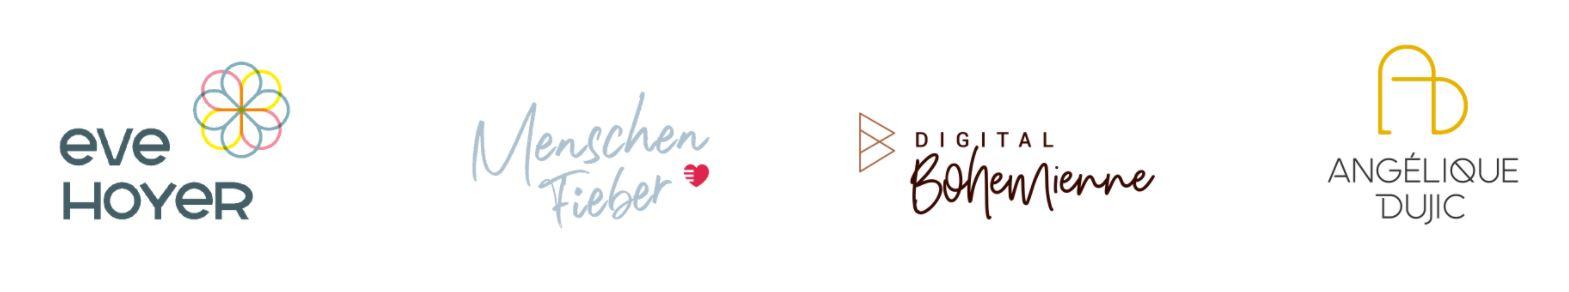 Logos gehen und bleiben